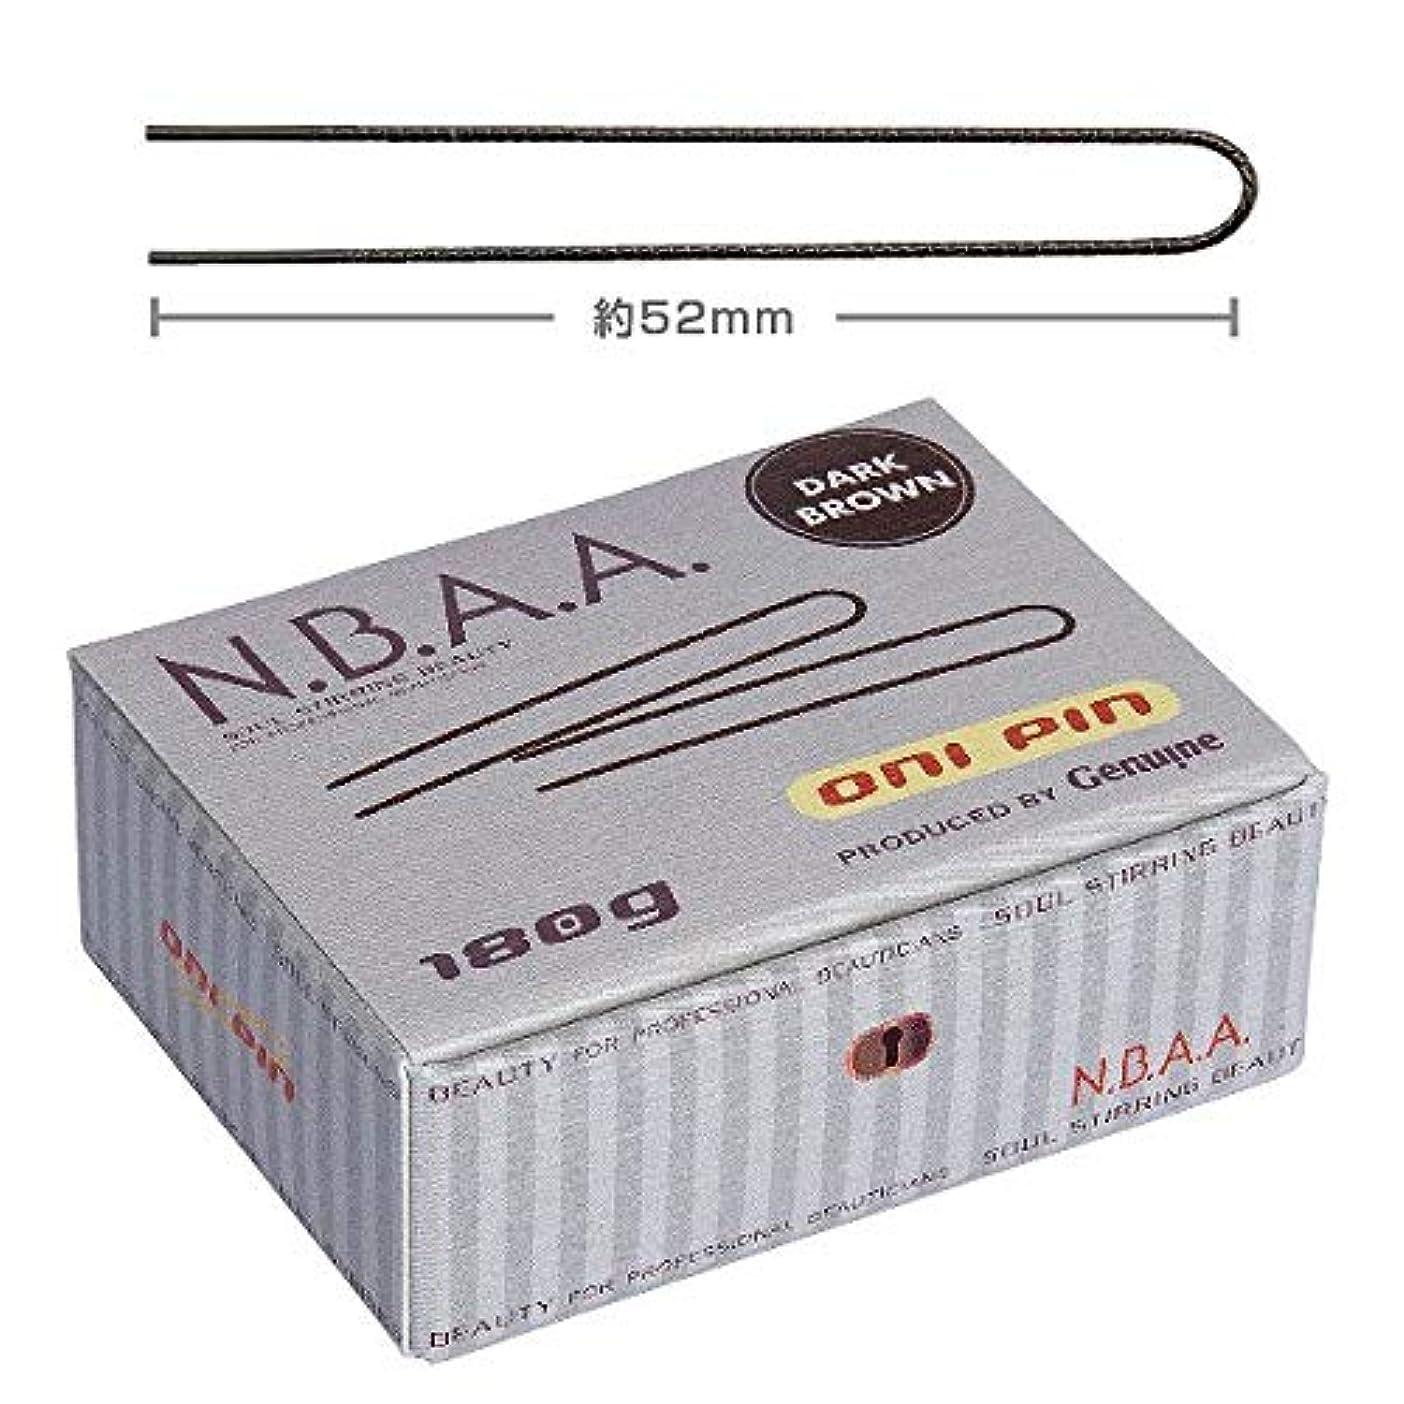 乗り出すアパートご意見NB-P06 NBAA.オニピン 180g ダークブラウン